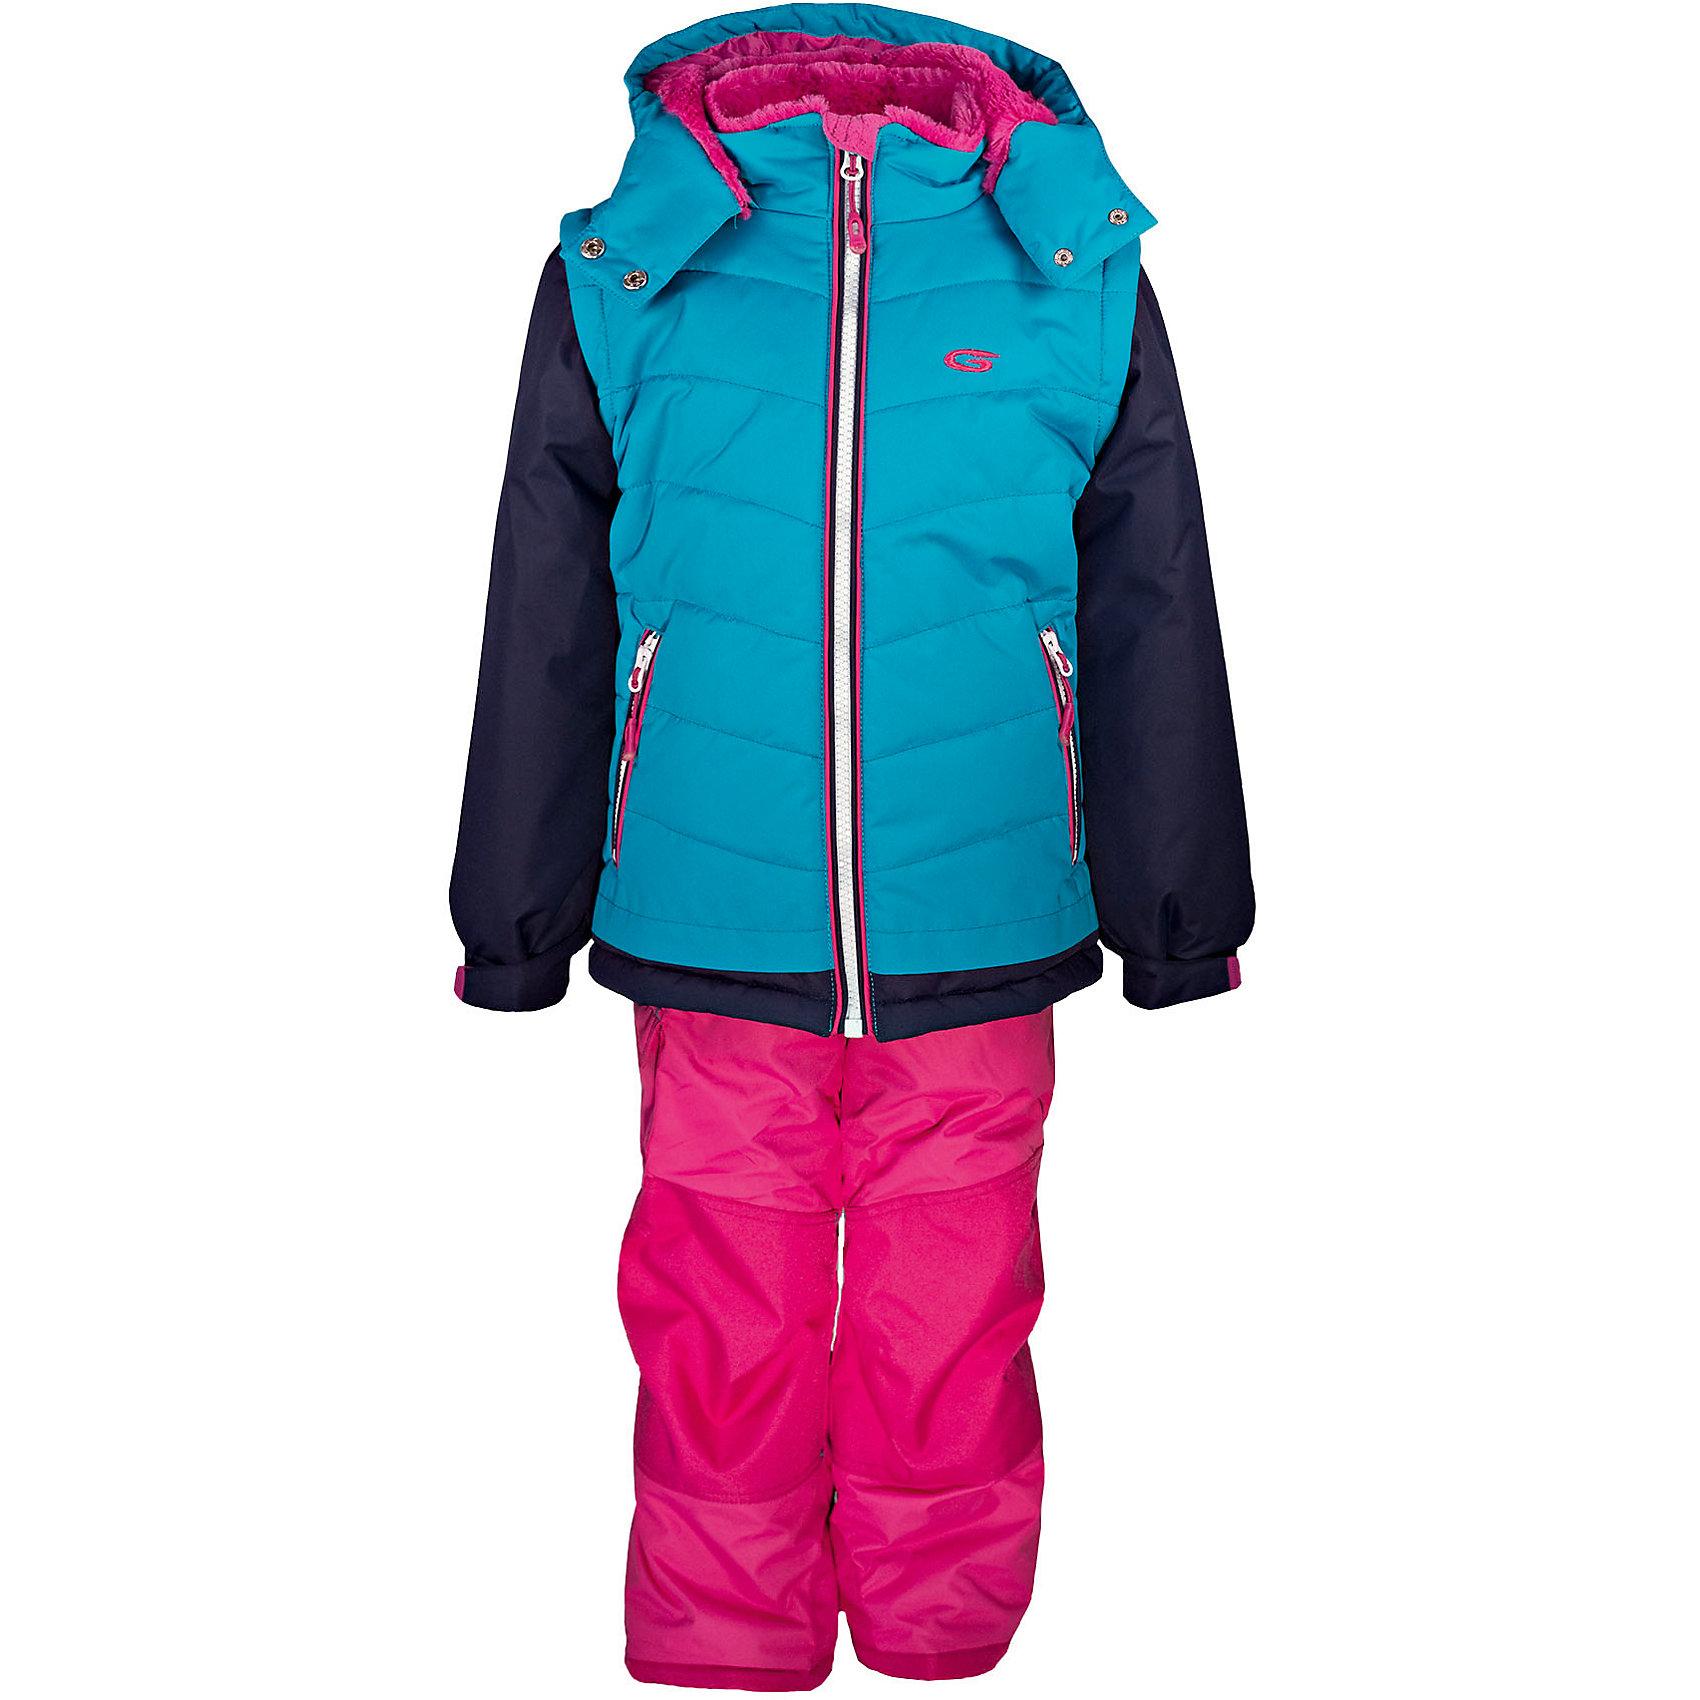 Комплект: куртка и полукомбинезон GUSTIКомплект: куртка и полукомбинезон GUSTI (ГУСТИ) – это идеальный вариант для суровой зимы с сильными морозами.<br><br>Температурный режим: до -30  градусов. Степень утепления – высокая. <br><br>* Температурный режим указан приблизительно — необходимо, прежде всего, ориентироваться на ощущения ребенка. Температурный режим работает в случае соблюдения правила многослойности – использования флисовой поддевы и термобелья.<br><br>Комплект от GUSTI (ГУСТИ) состоит из куртки и полукомбинезона, выполненных из плотного непромокаемого материала с защитной от влаги мембраной 5000 мм. Тань хорошо сохраняет тепло, отталкивает влагу и позволяет коже ребенка дышать. Утеплитель из тек-полифилла и флисовая внутренняя отделка на груди и на спинке дают возможность использовать комплект при очень низких температурах. Куртка застегивается на молнию, имеет два боковых кармана на молнии, высокий ворот с защитой подбородка, снегозащитную юбку, трикотажные манжеты в рукавах, отстёгивающийся капюшон с подкладкой из искусственного меха. Полукомбинезон застегивается на молнию, имеет накладной карман с клапаном на липучке, регулируемые лямки, снегозащитные гетры. Длина брючин регулируется (отворот с креплением на липе). Сзади, на коленях, и по низу брючин имеется дополнительный слой ткани Cordura Oxford (сверхстойкий полиэстер). До размера 6х (120 см.) у полукомбинезона высокая грудка, в размерах 7 (122 см.) - 14 (164см) отстегивающаяся спинка, грудки нет. Модель подходит для прогулок на морозе до -30 градусов.<br><br>Дополнительная информация:<br><br>- Сезон: зима<br>- Пол: девочка<br>- Цвет: бирюзовый, розовый<br>- Температурный режим до -30 градусов<br>- Материал верха: куртка - shuss 5000мм (100% полиэстер); брюки - taslan 5000мм, накладки Cordura Oxford сзади, на коленях, и по низу брючин<br>- Наполнитель: куртка - тек-полифилл плотностью 283 гр/м (10 унций) 100% полиэстер; брюки - тек-полифилл плотностью 170 гр/м (6 унций) 100% полиэстер<br>- Подкладк